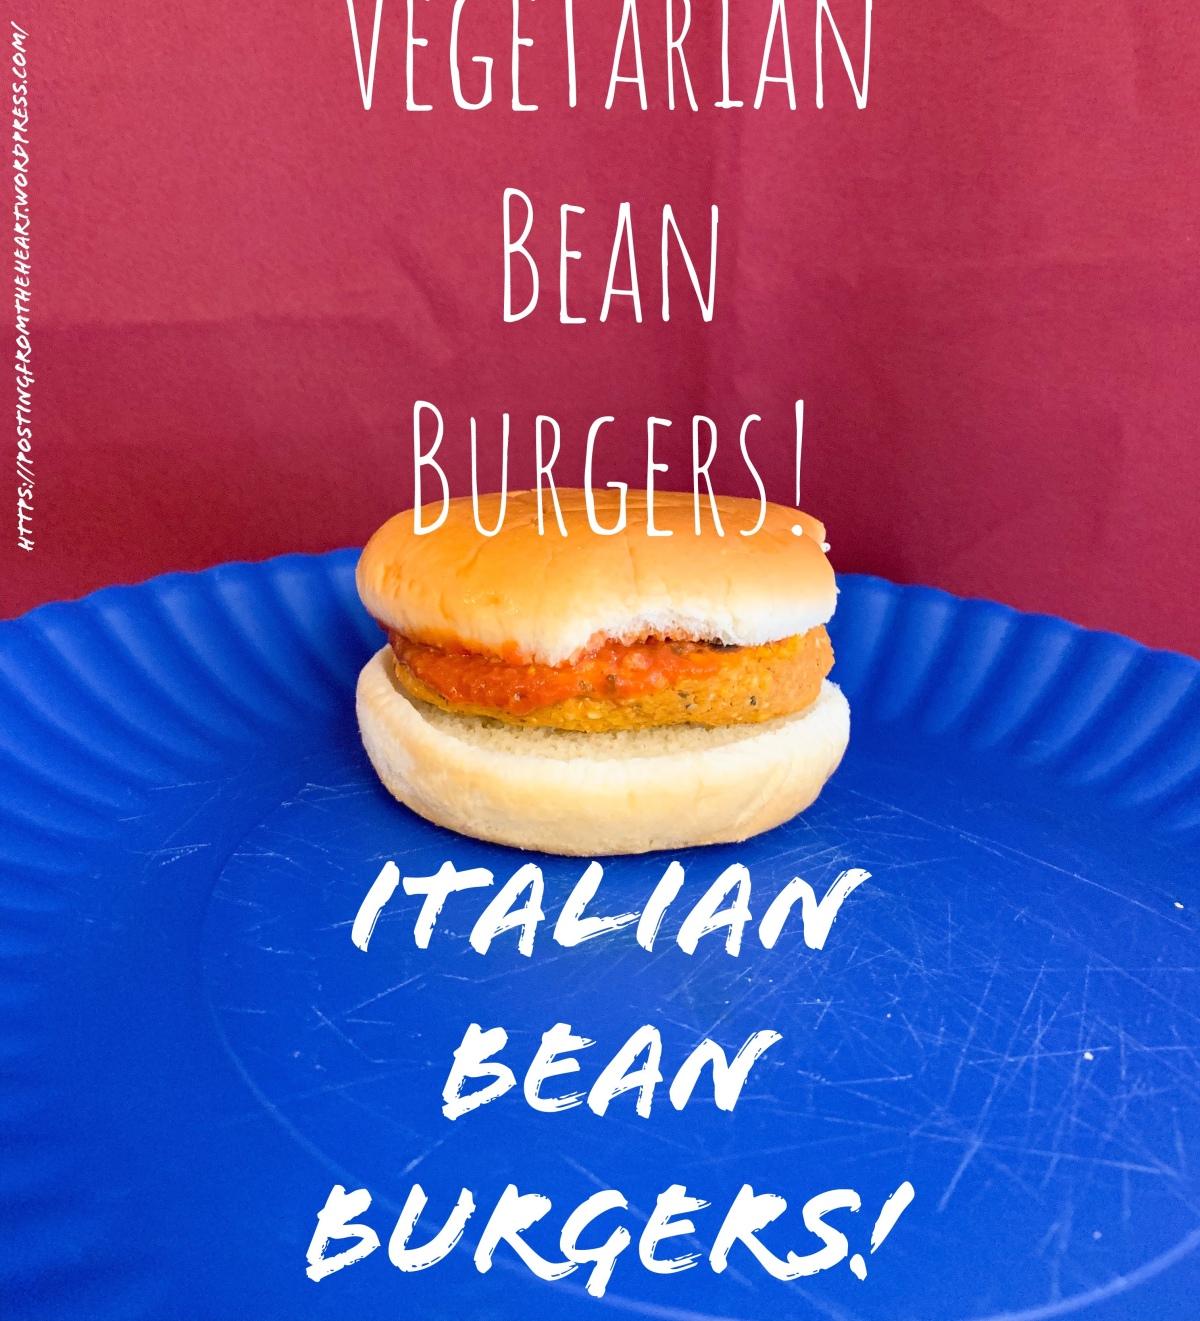 Vegetarian Bean Burger: Italian BeanBurgers!